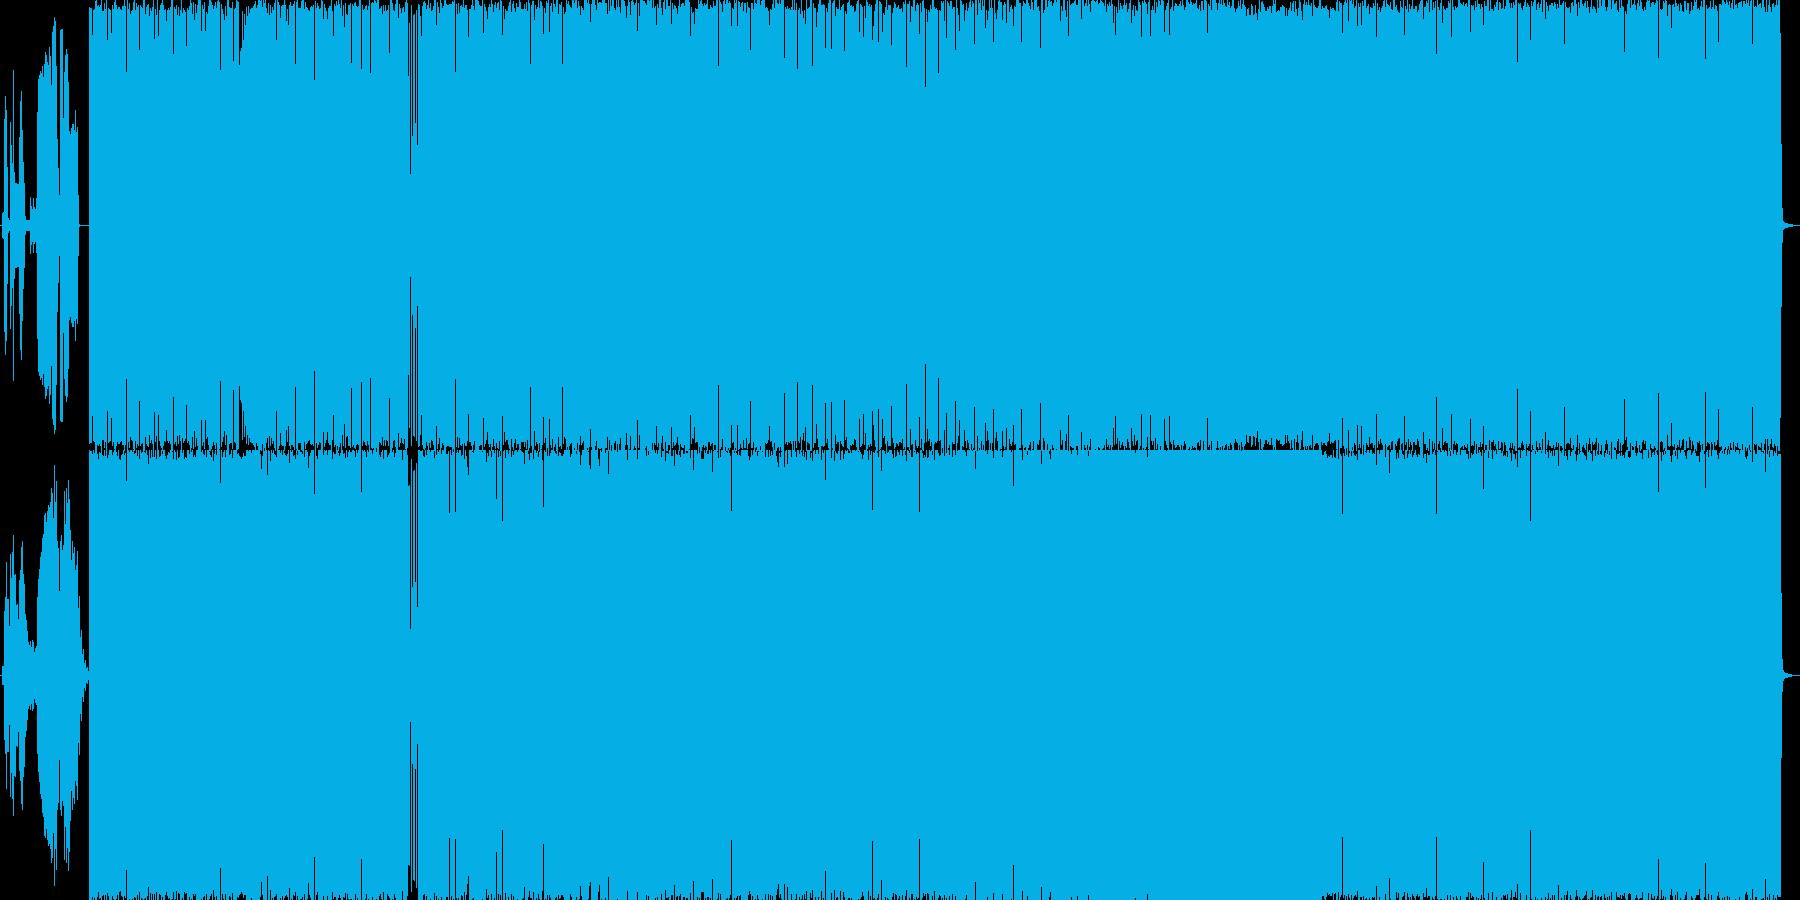 ダイヤルアップ音を使ったブレイクビーツ…の再生済みの波形